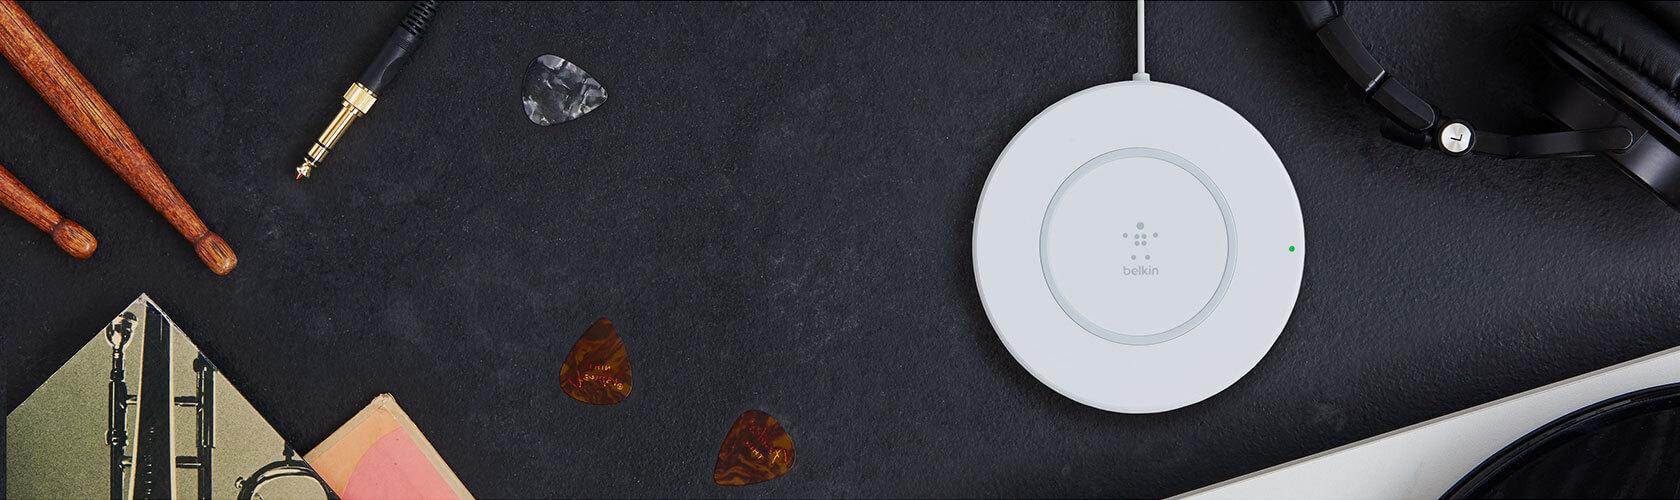 Сборщик iPhone и iPad купит производителя аксессуаров Belkin